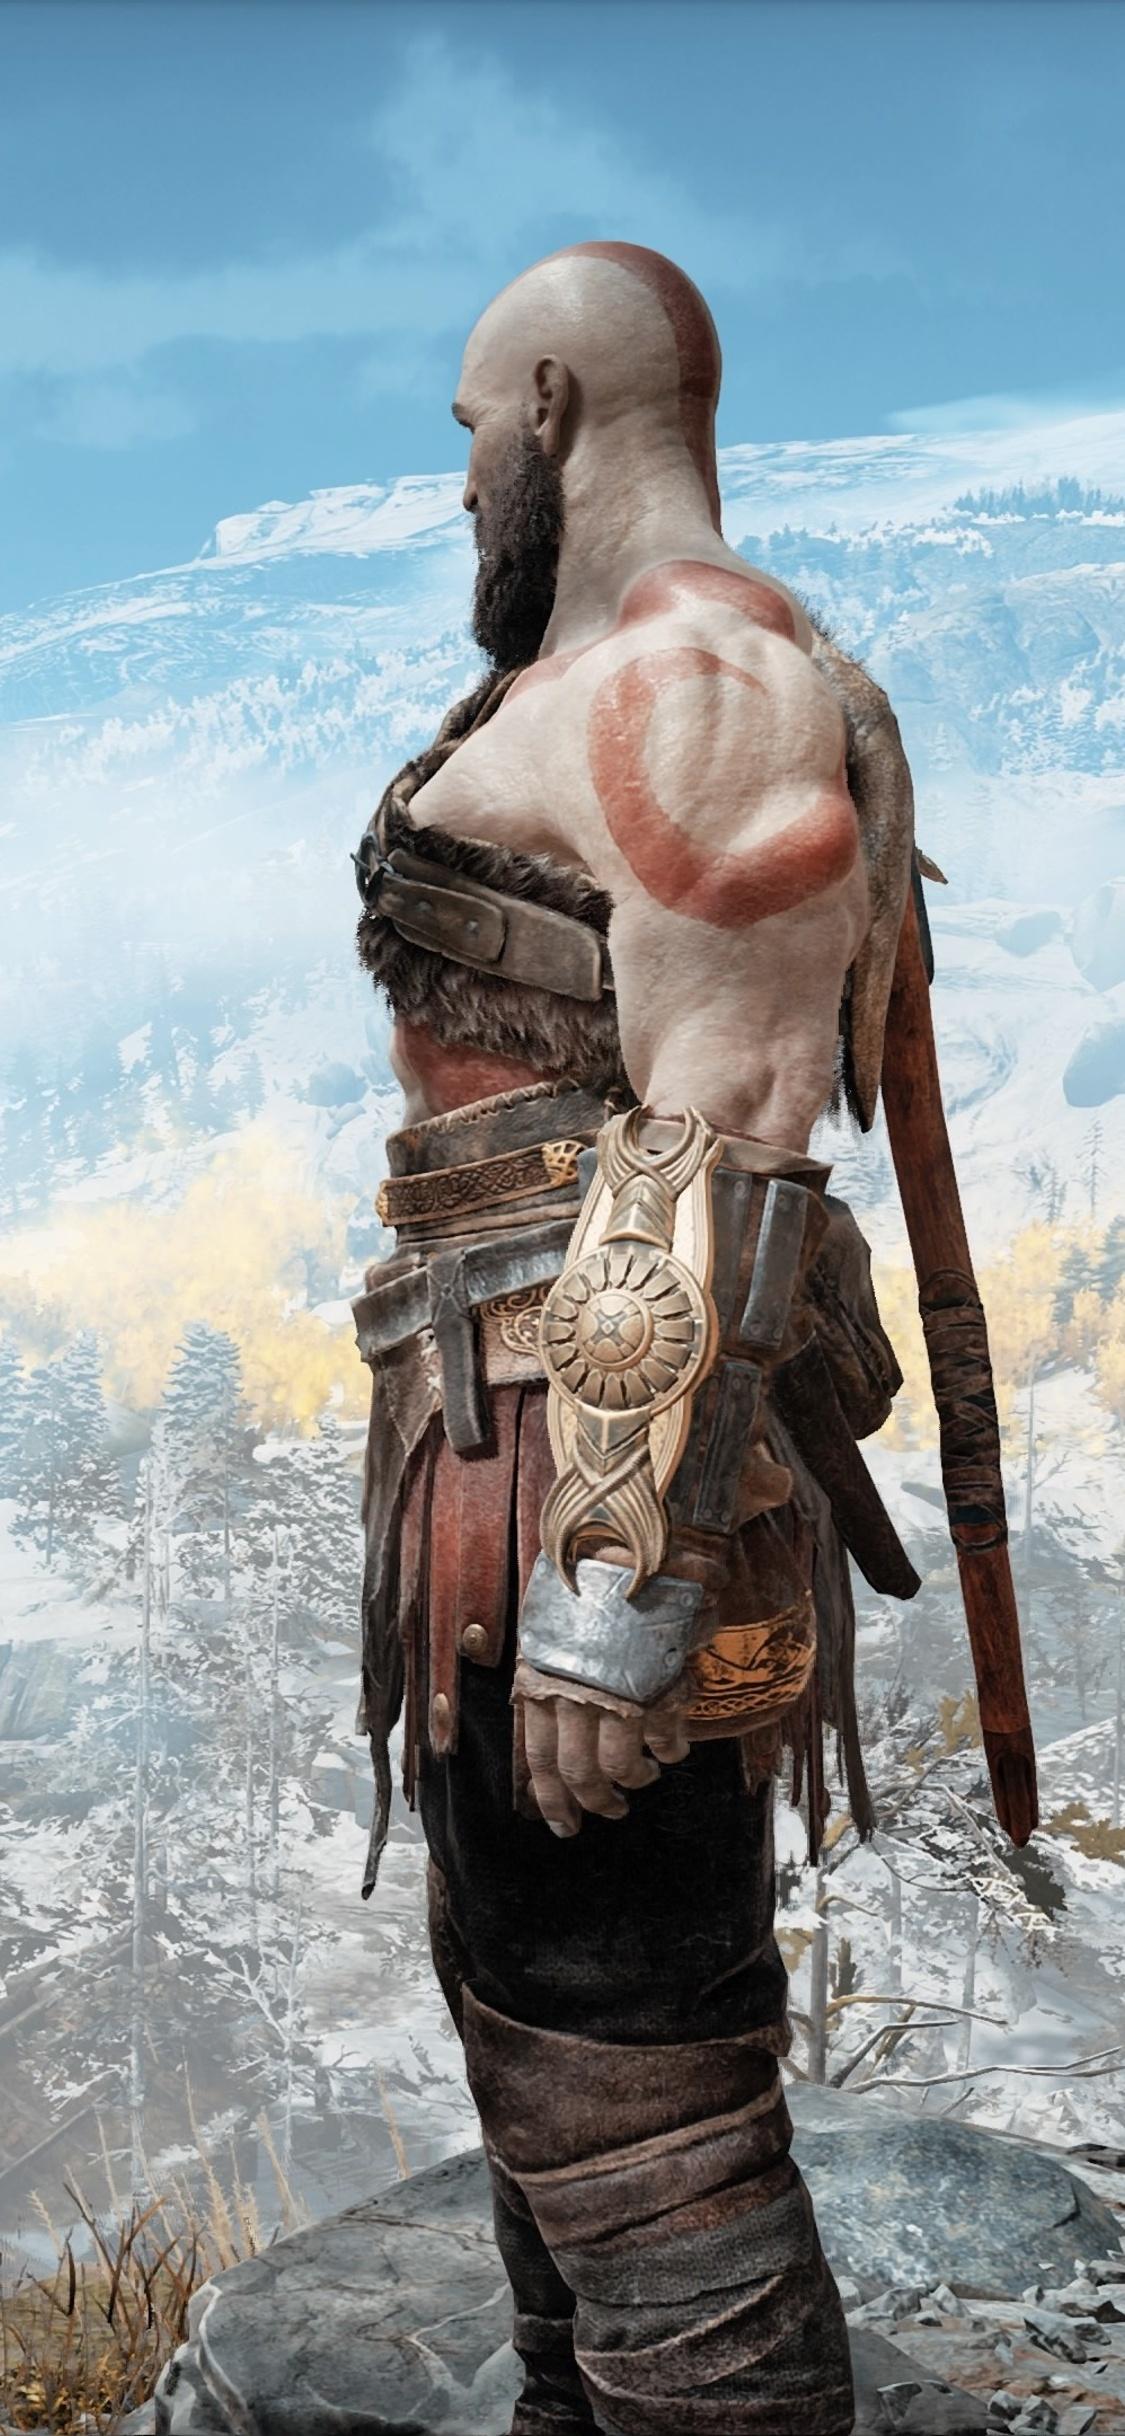 1125x2436 God Of War 4 Kratos And Atreus 4k Iphone Xs Iphone 10